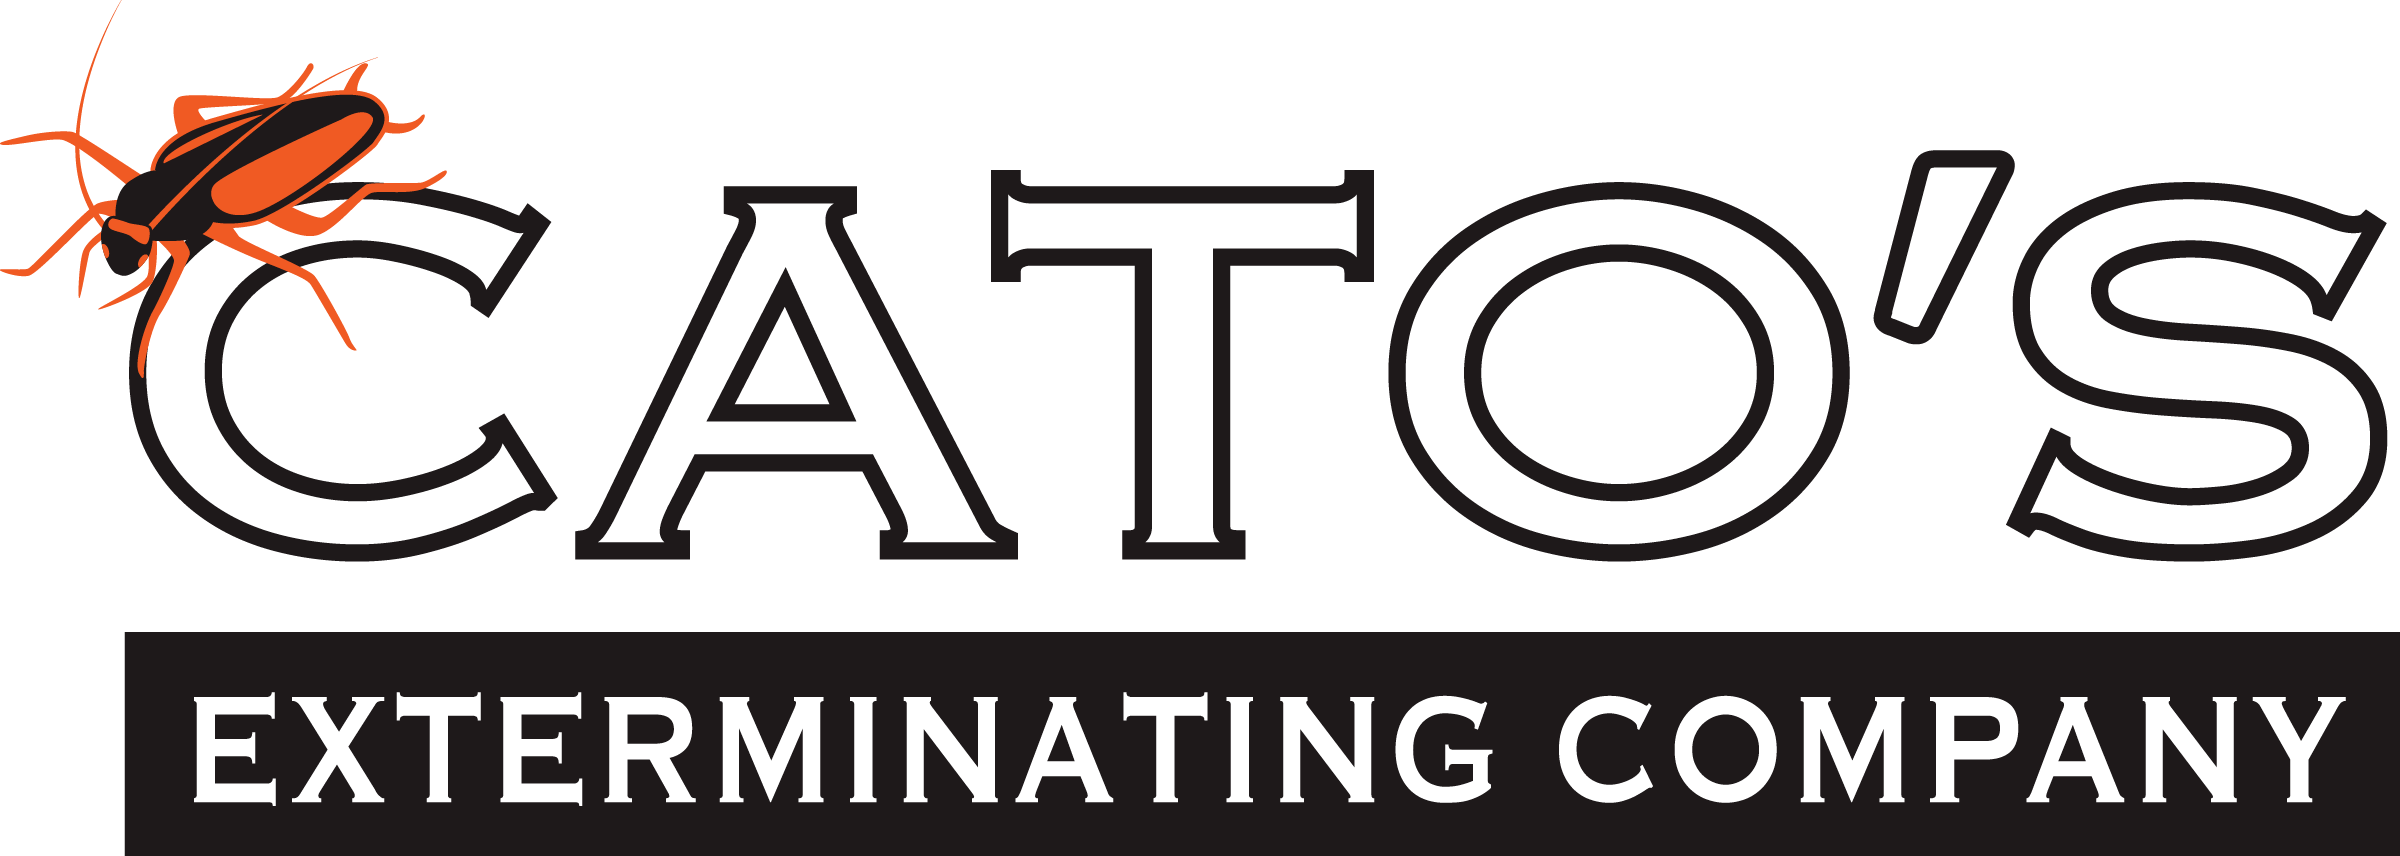 Catos-Logo-1200@2x